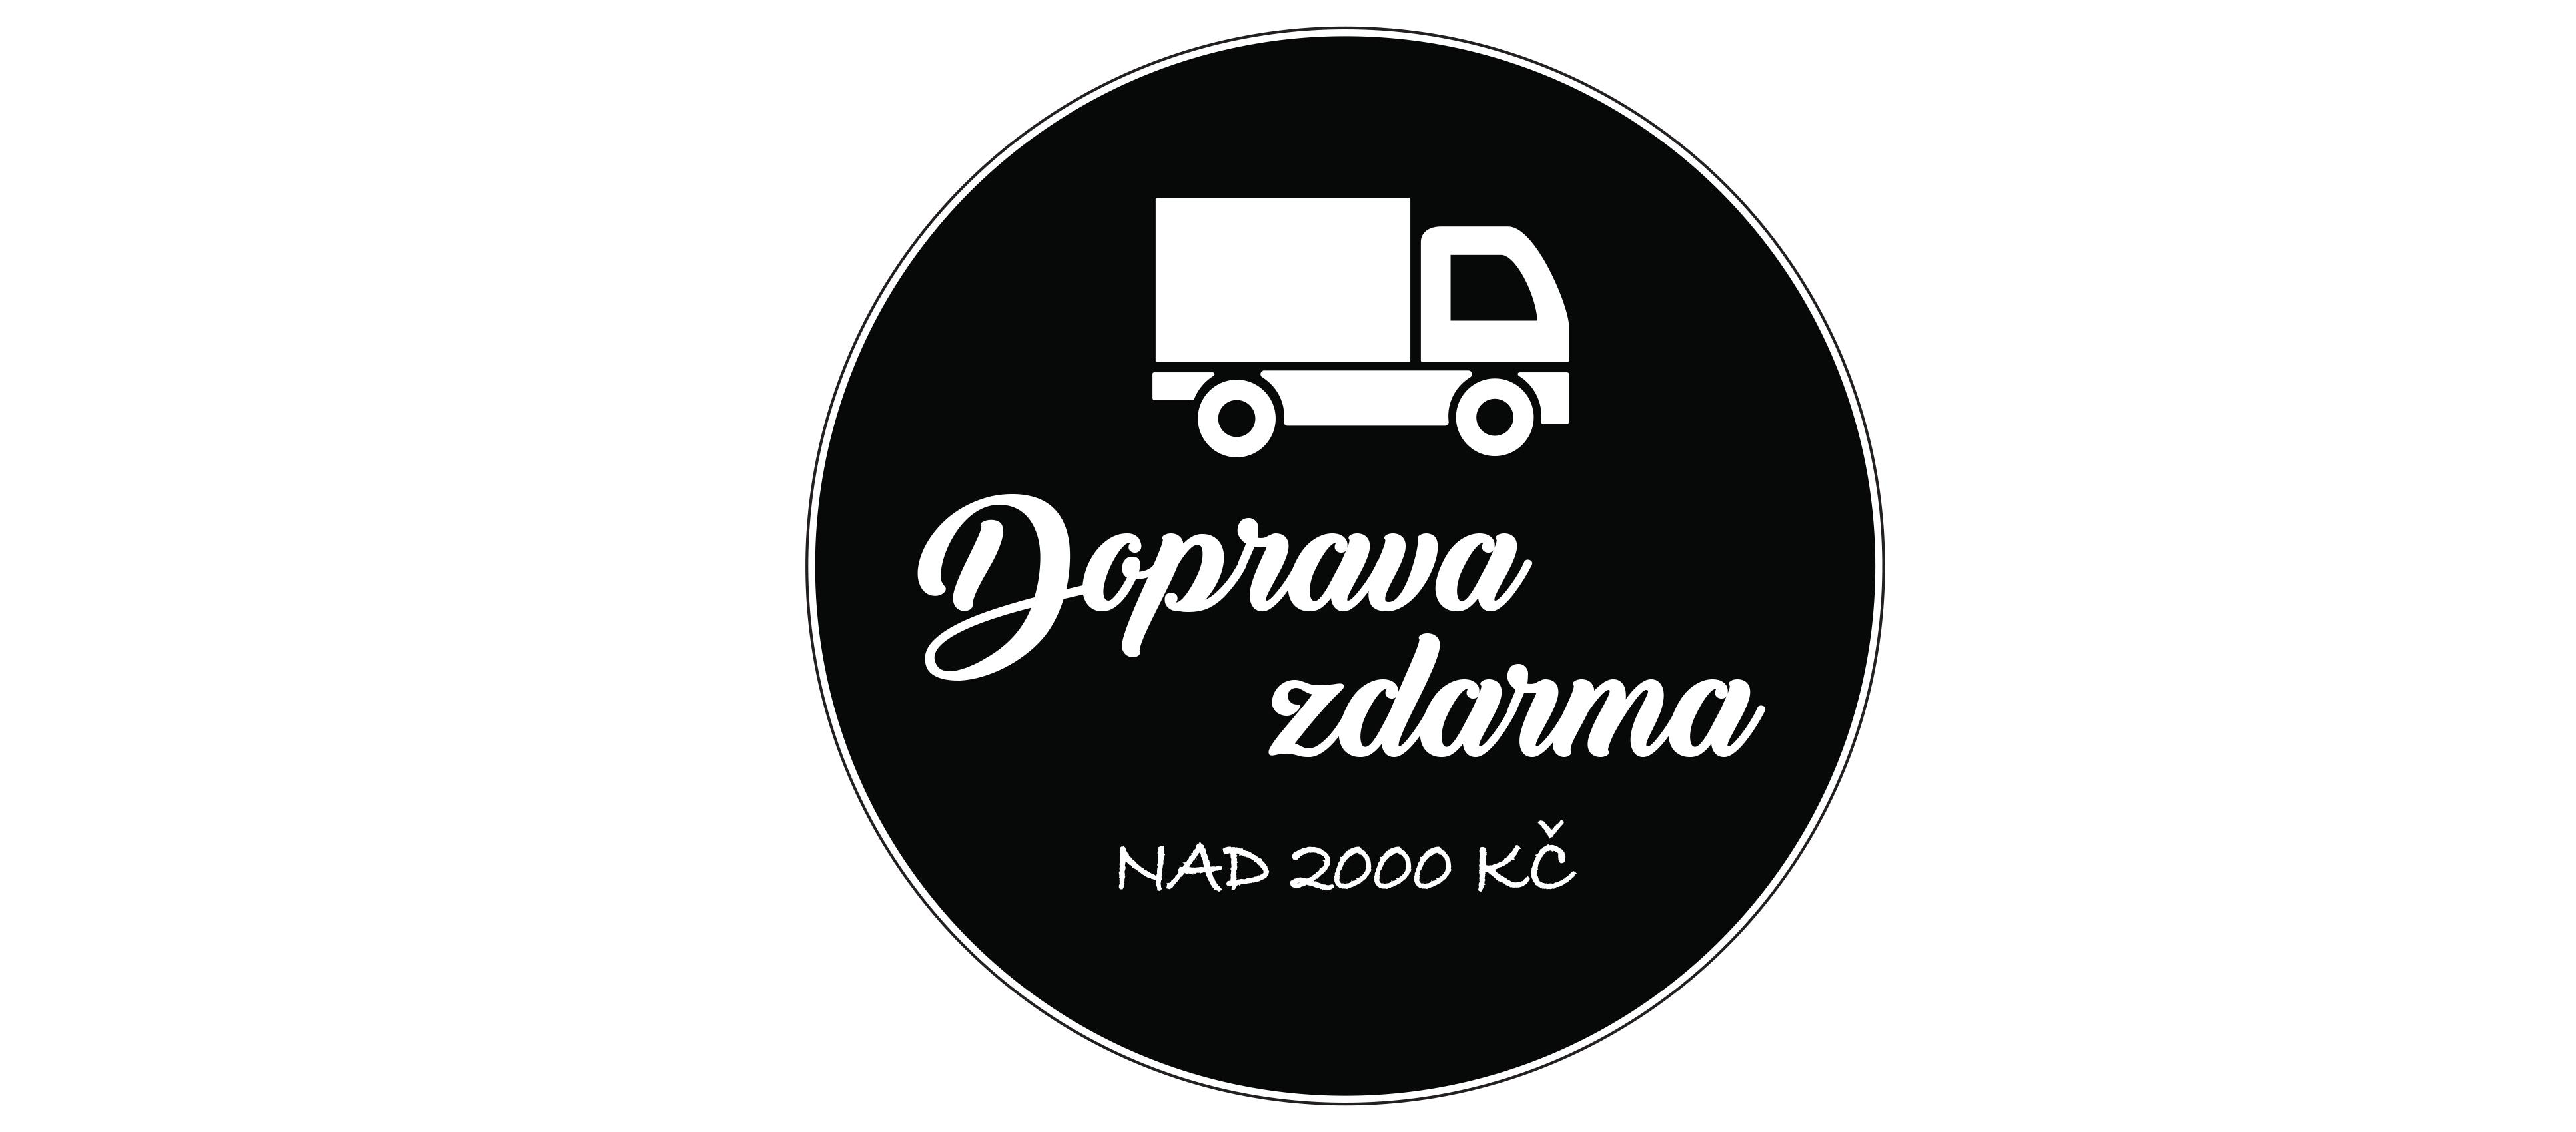 Doprava zdarma nad 2000